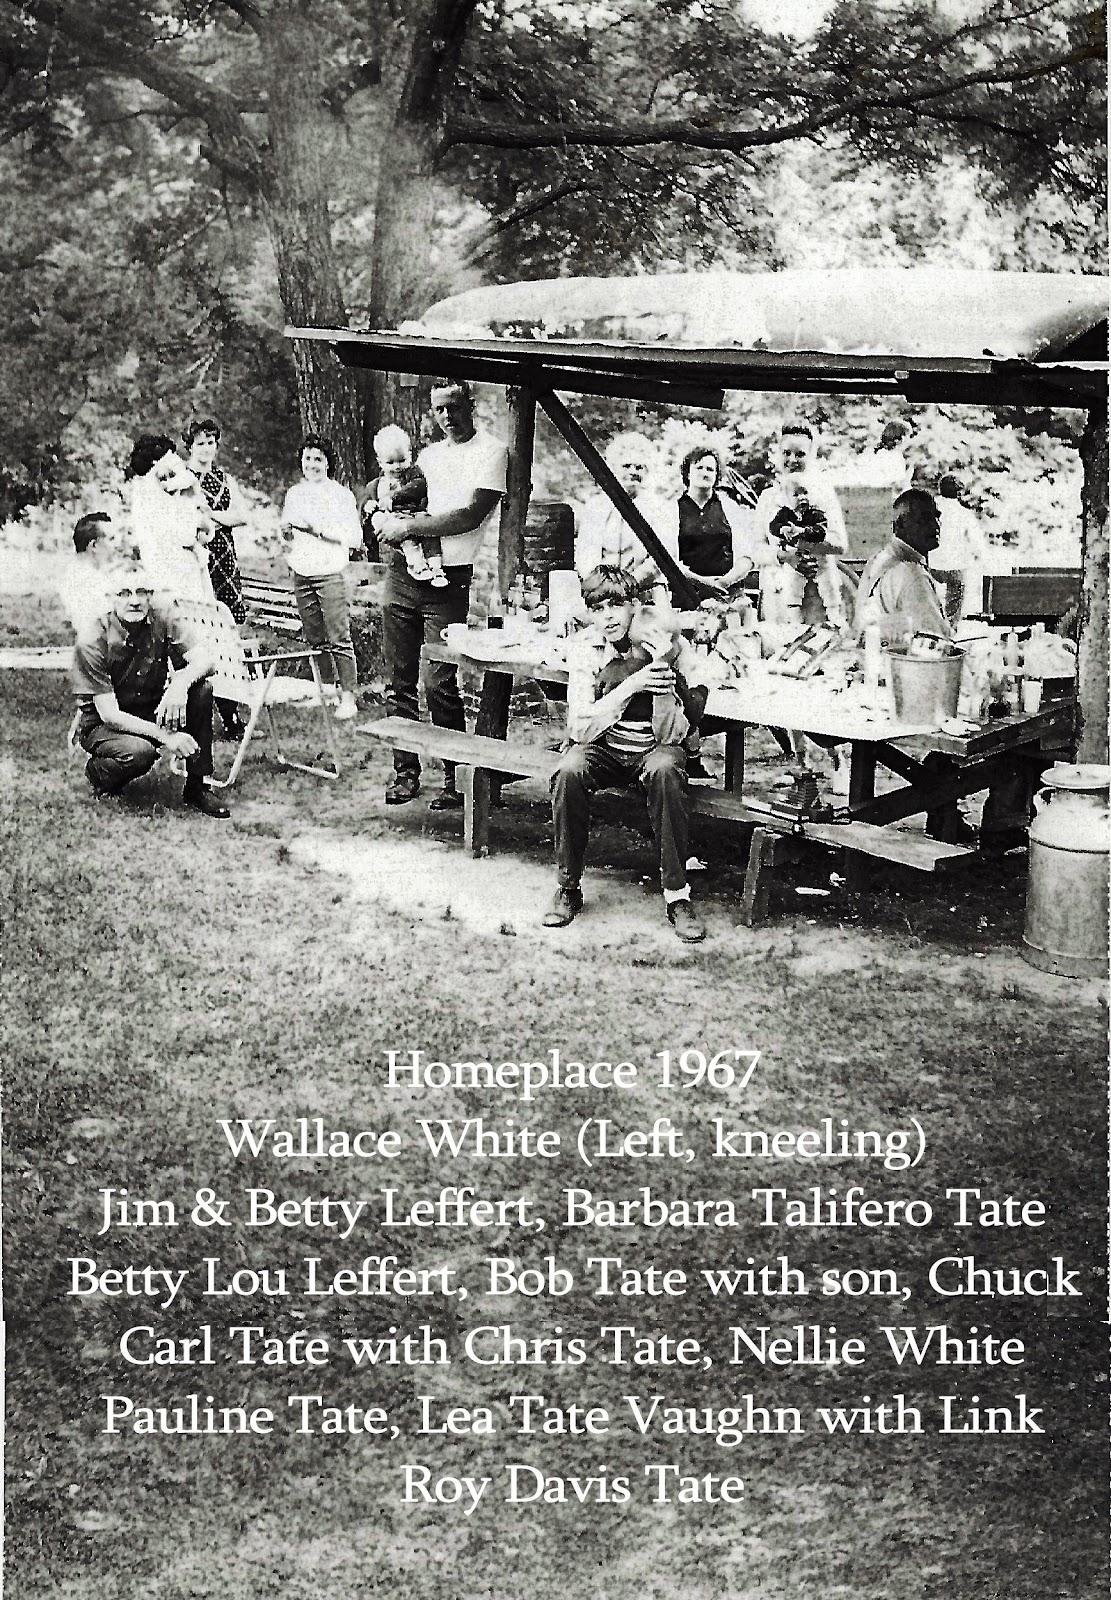 Homeplace Weekend 1967.jpg